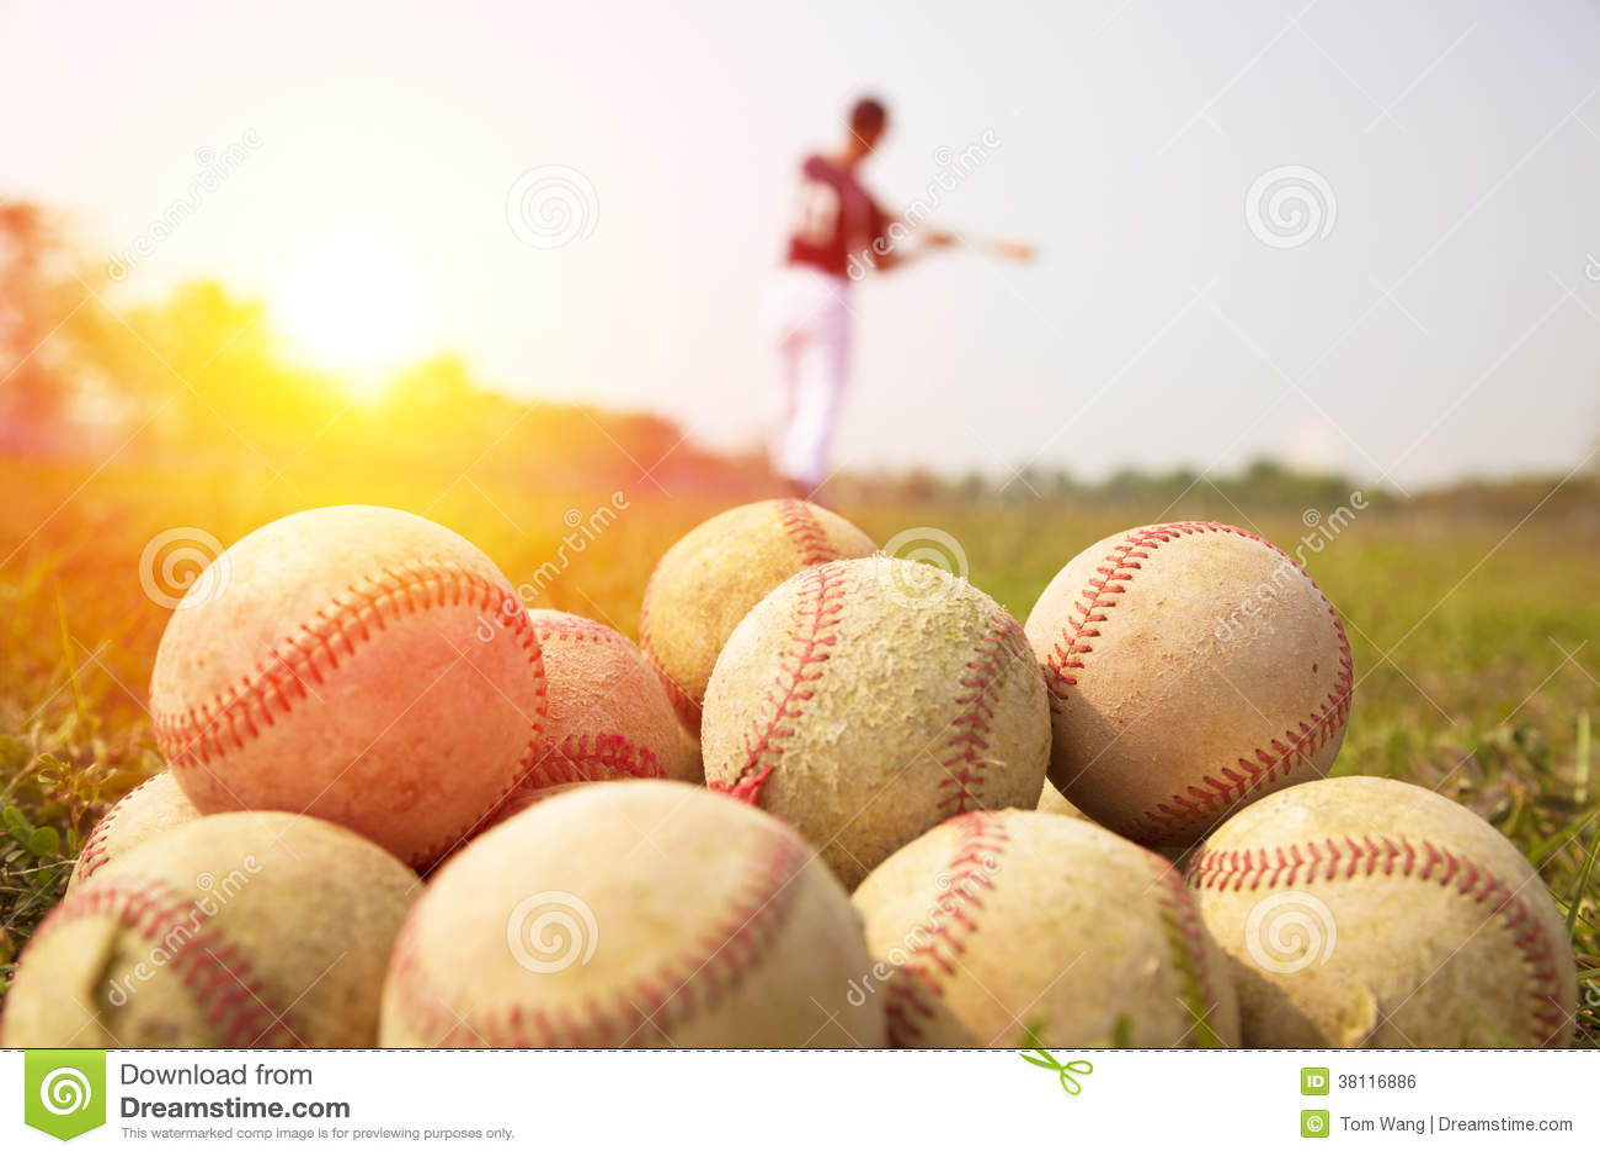 Basebollspelare övar vågen ett slagträ i ett fält